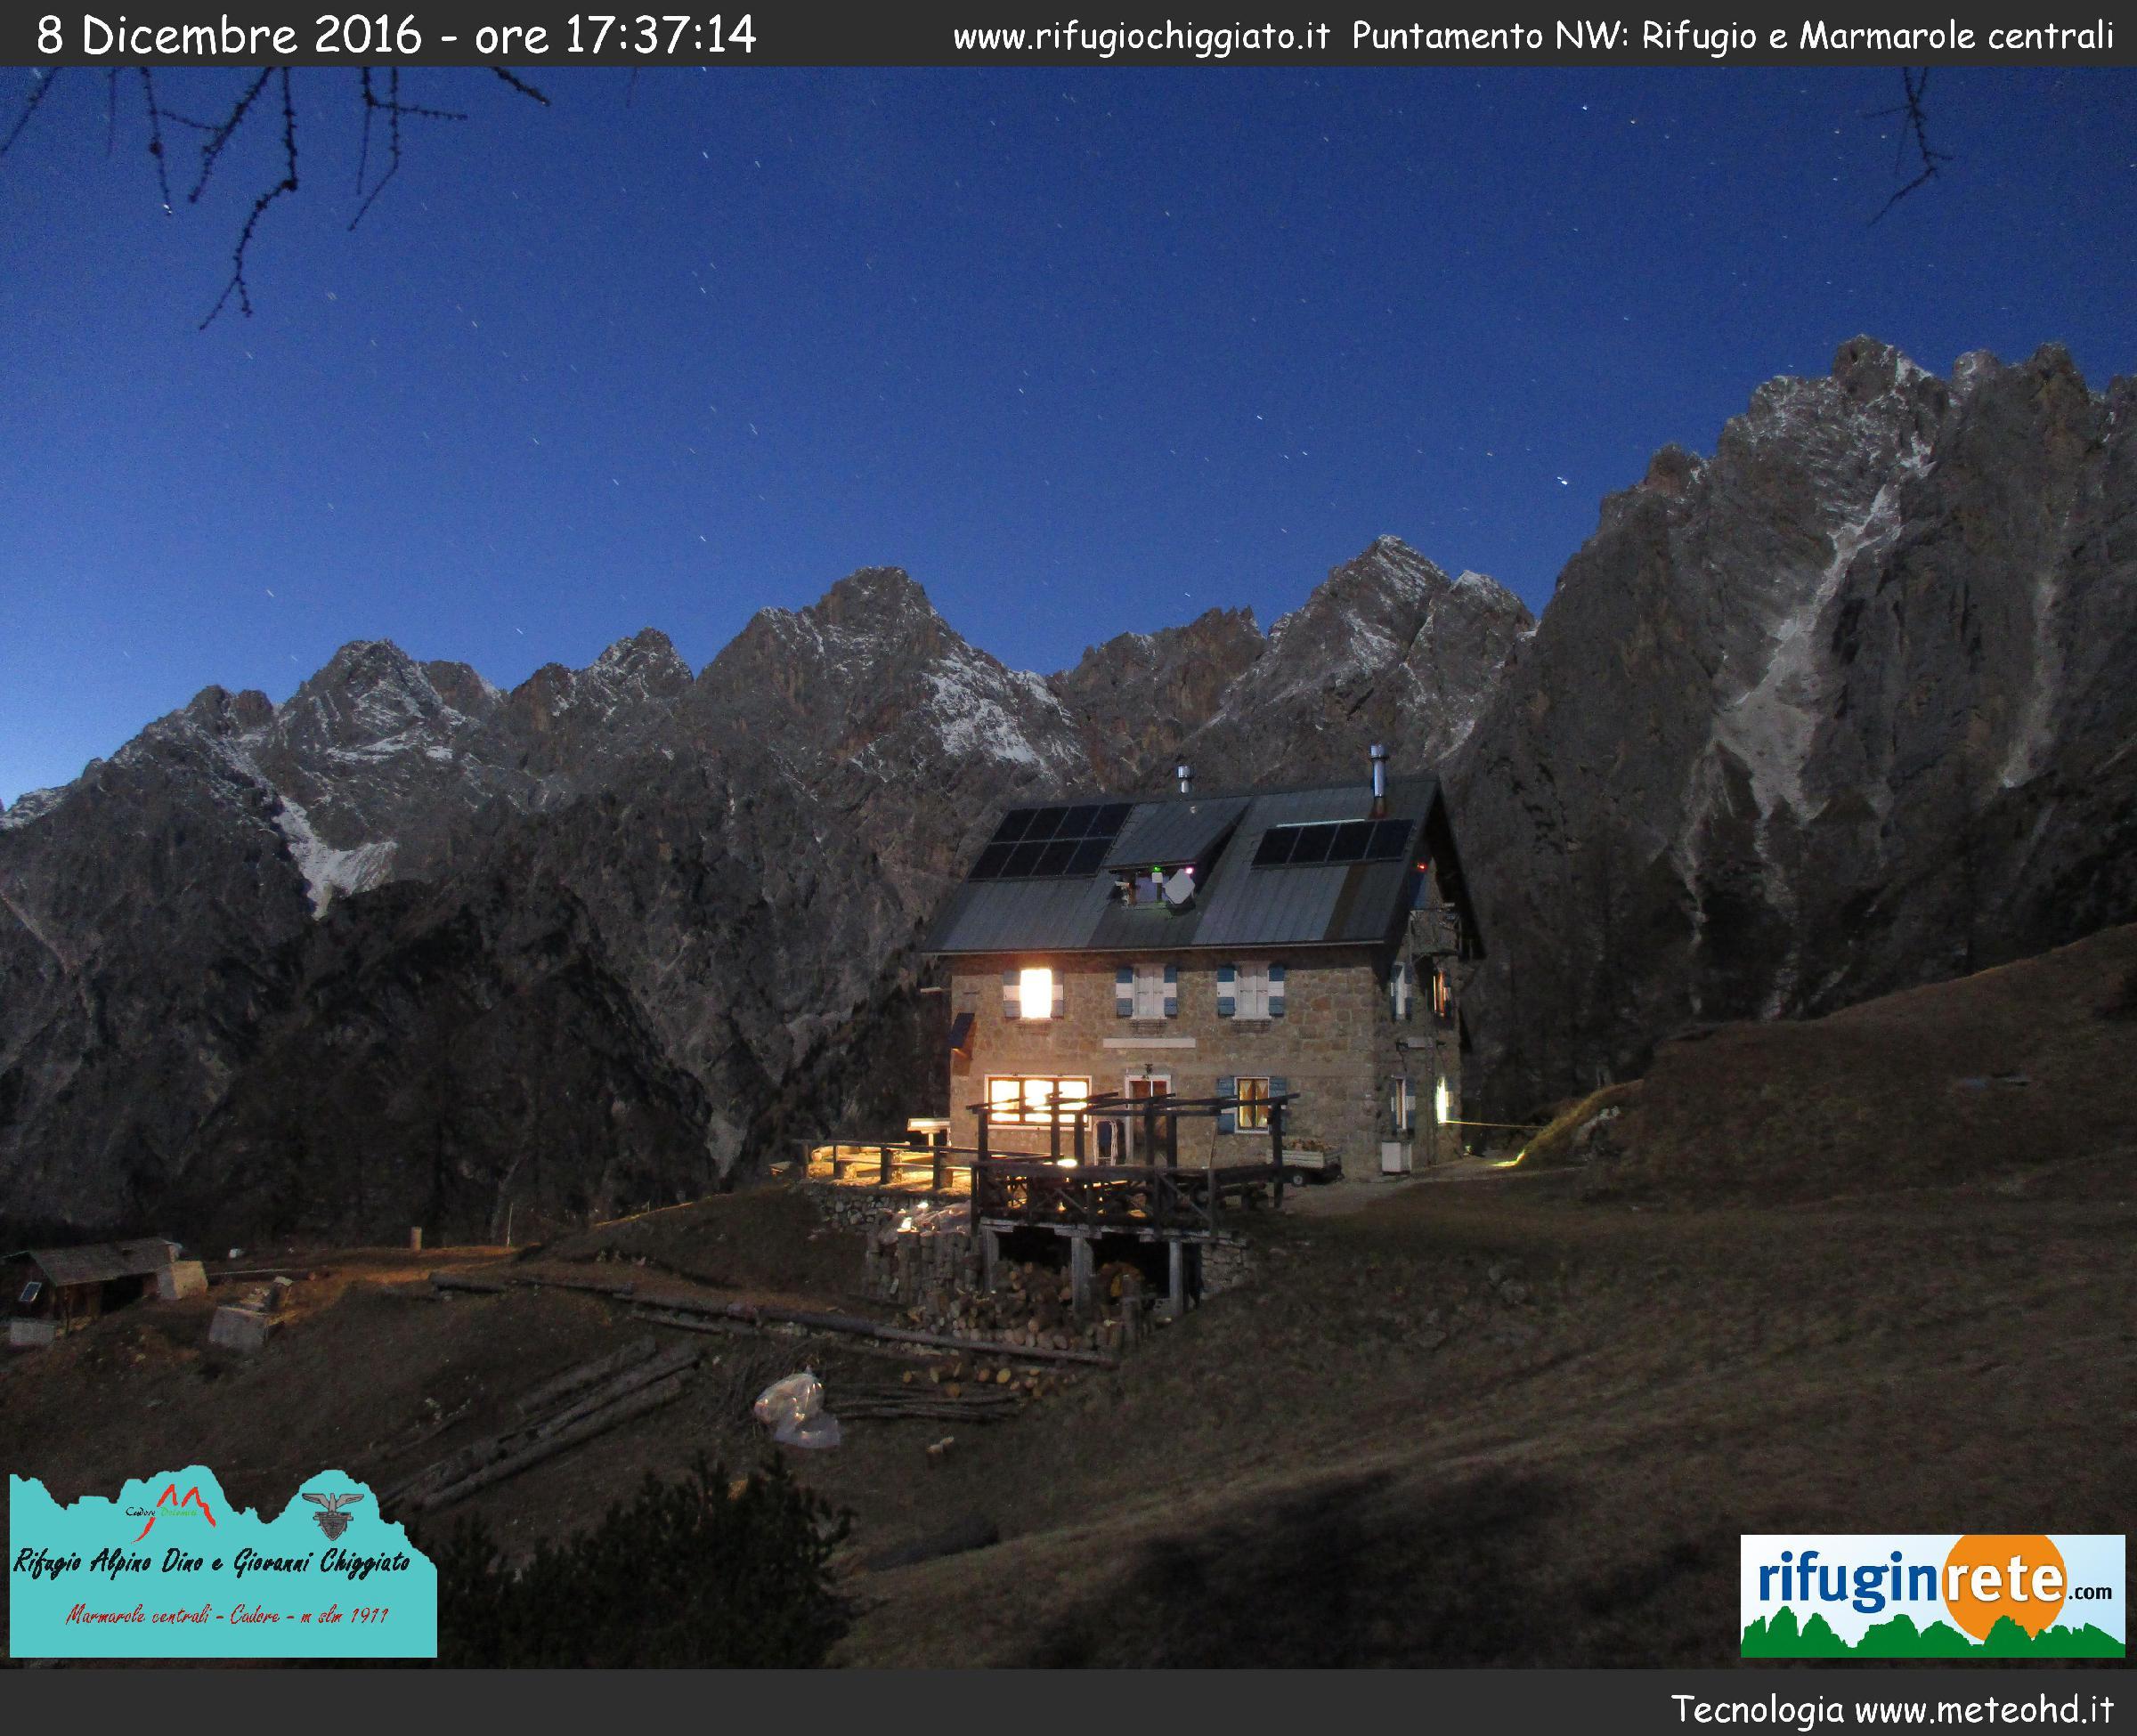 Veneto centro-settentrionale Inverno 2016-17-chiggiato-08-12-16.jpg